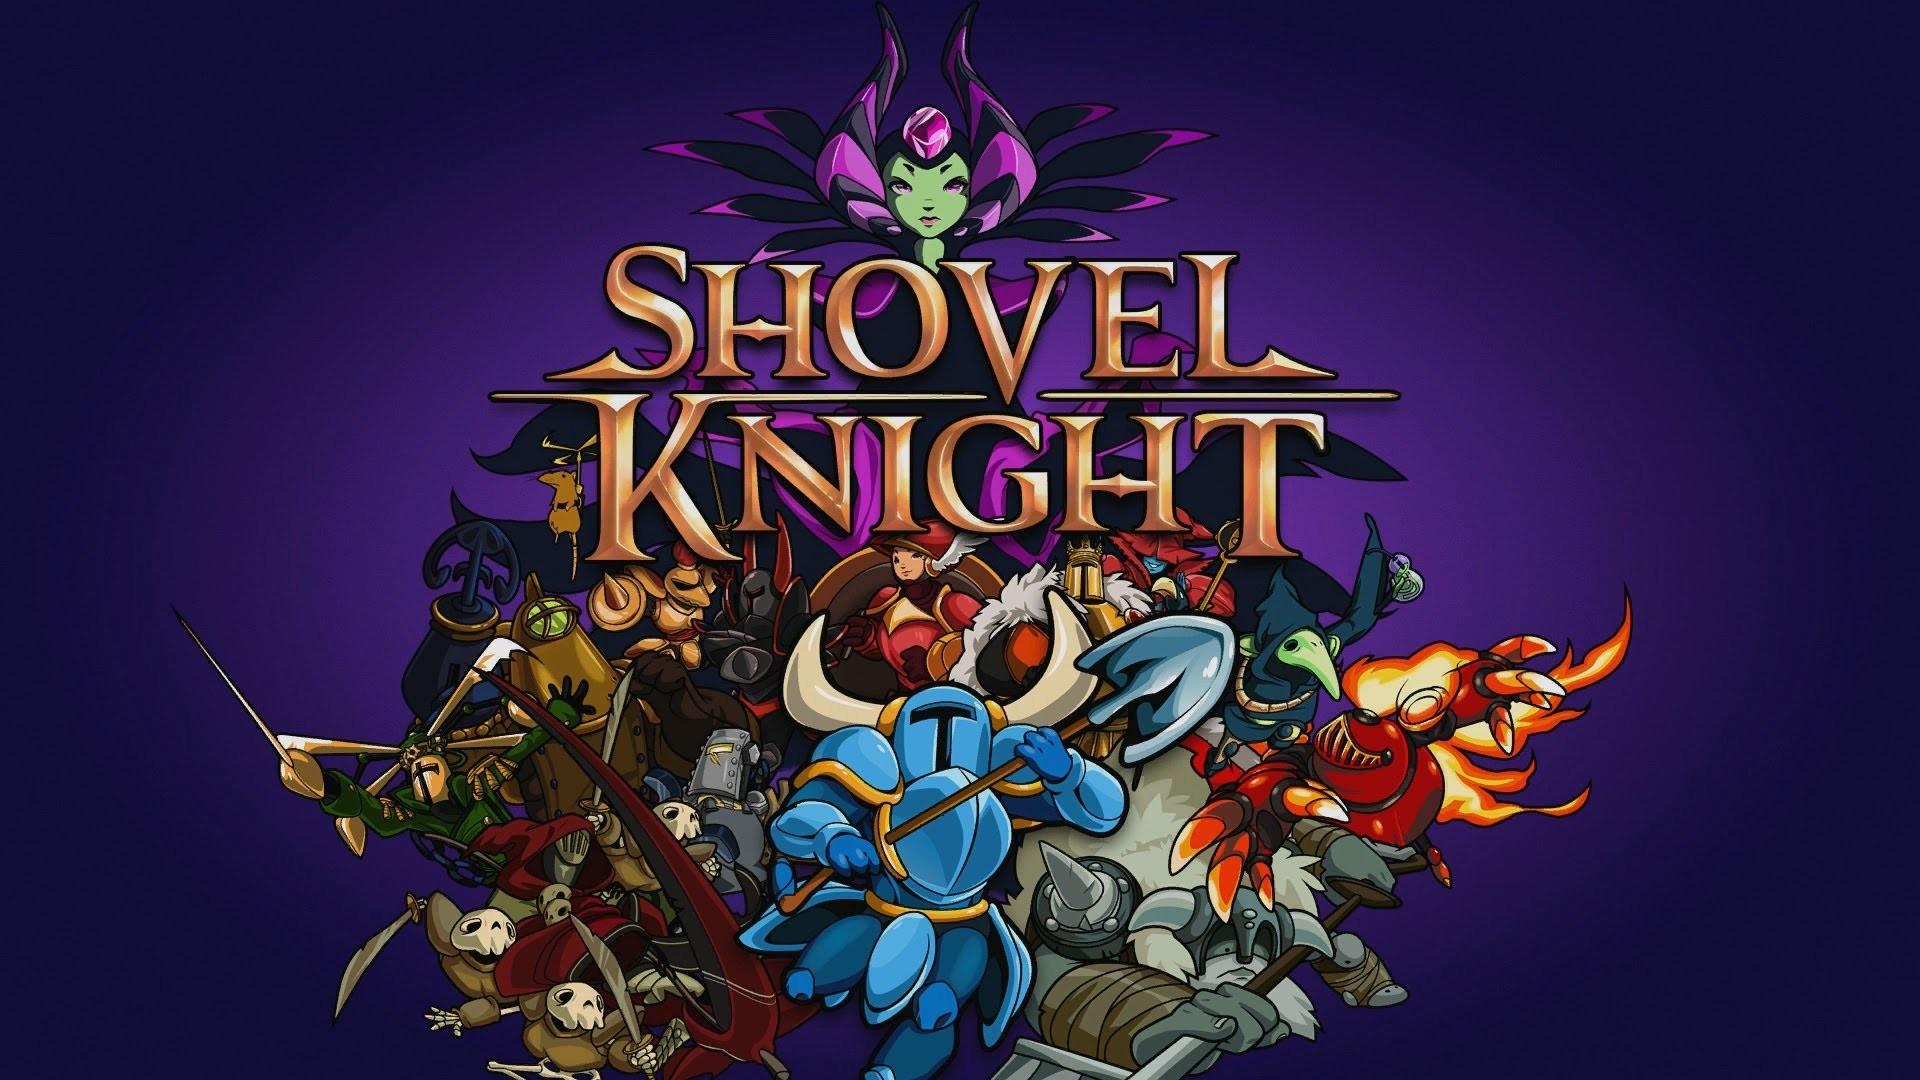 67 Shovel Knight Wallpaper Hd